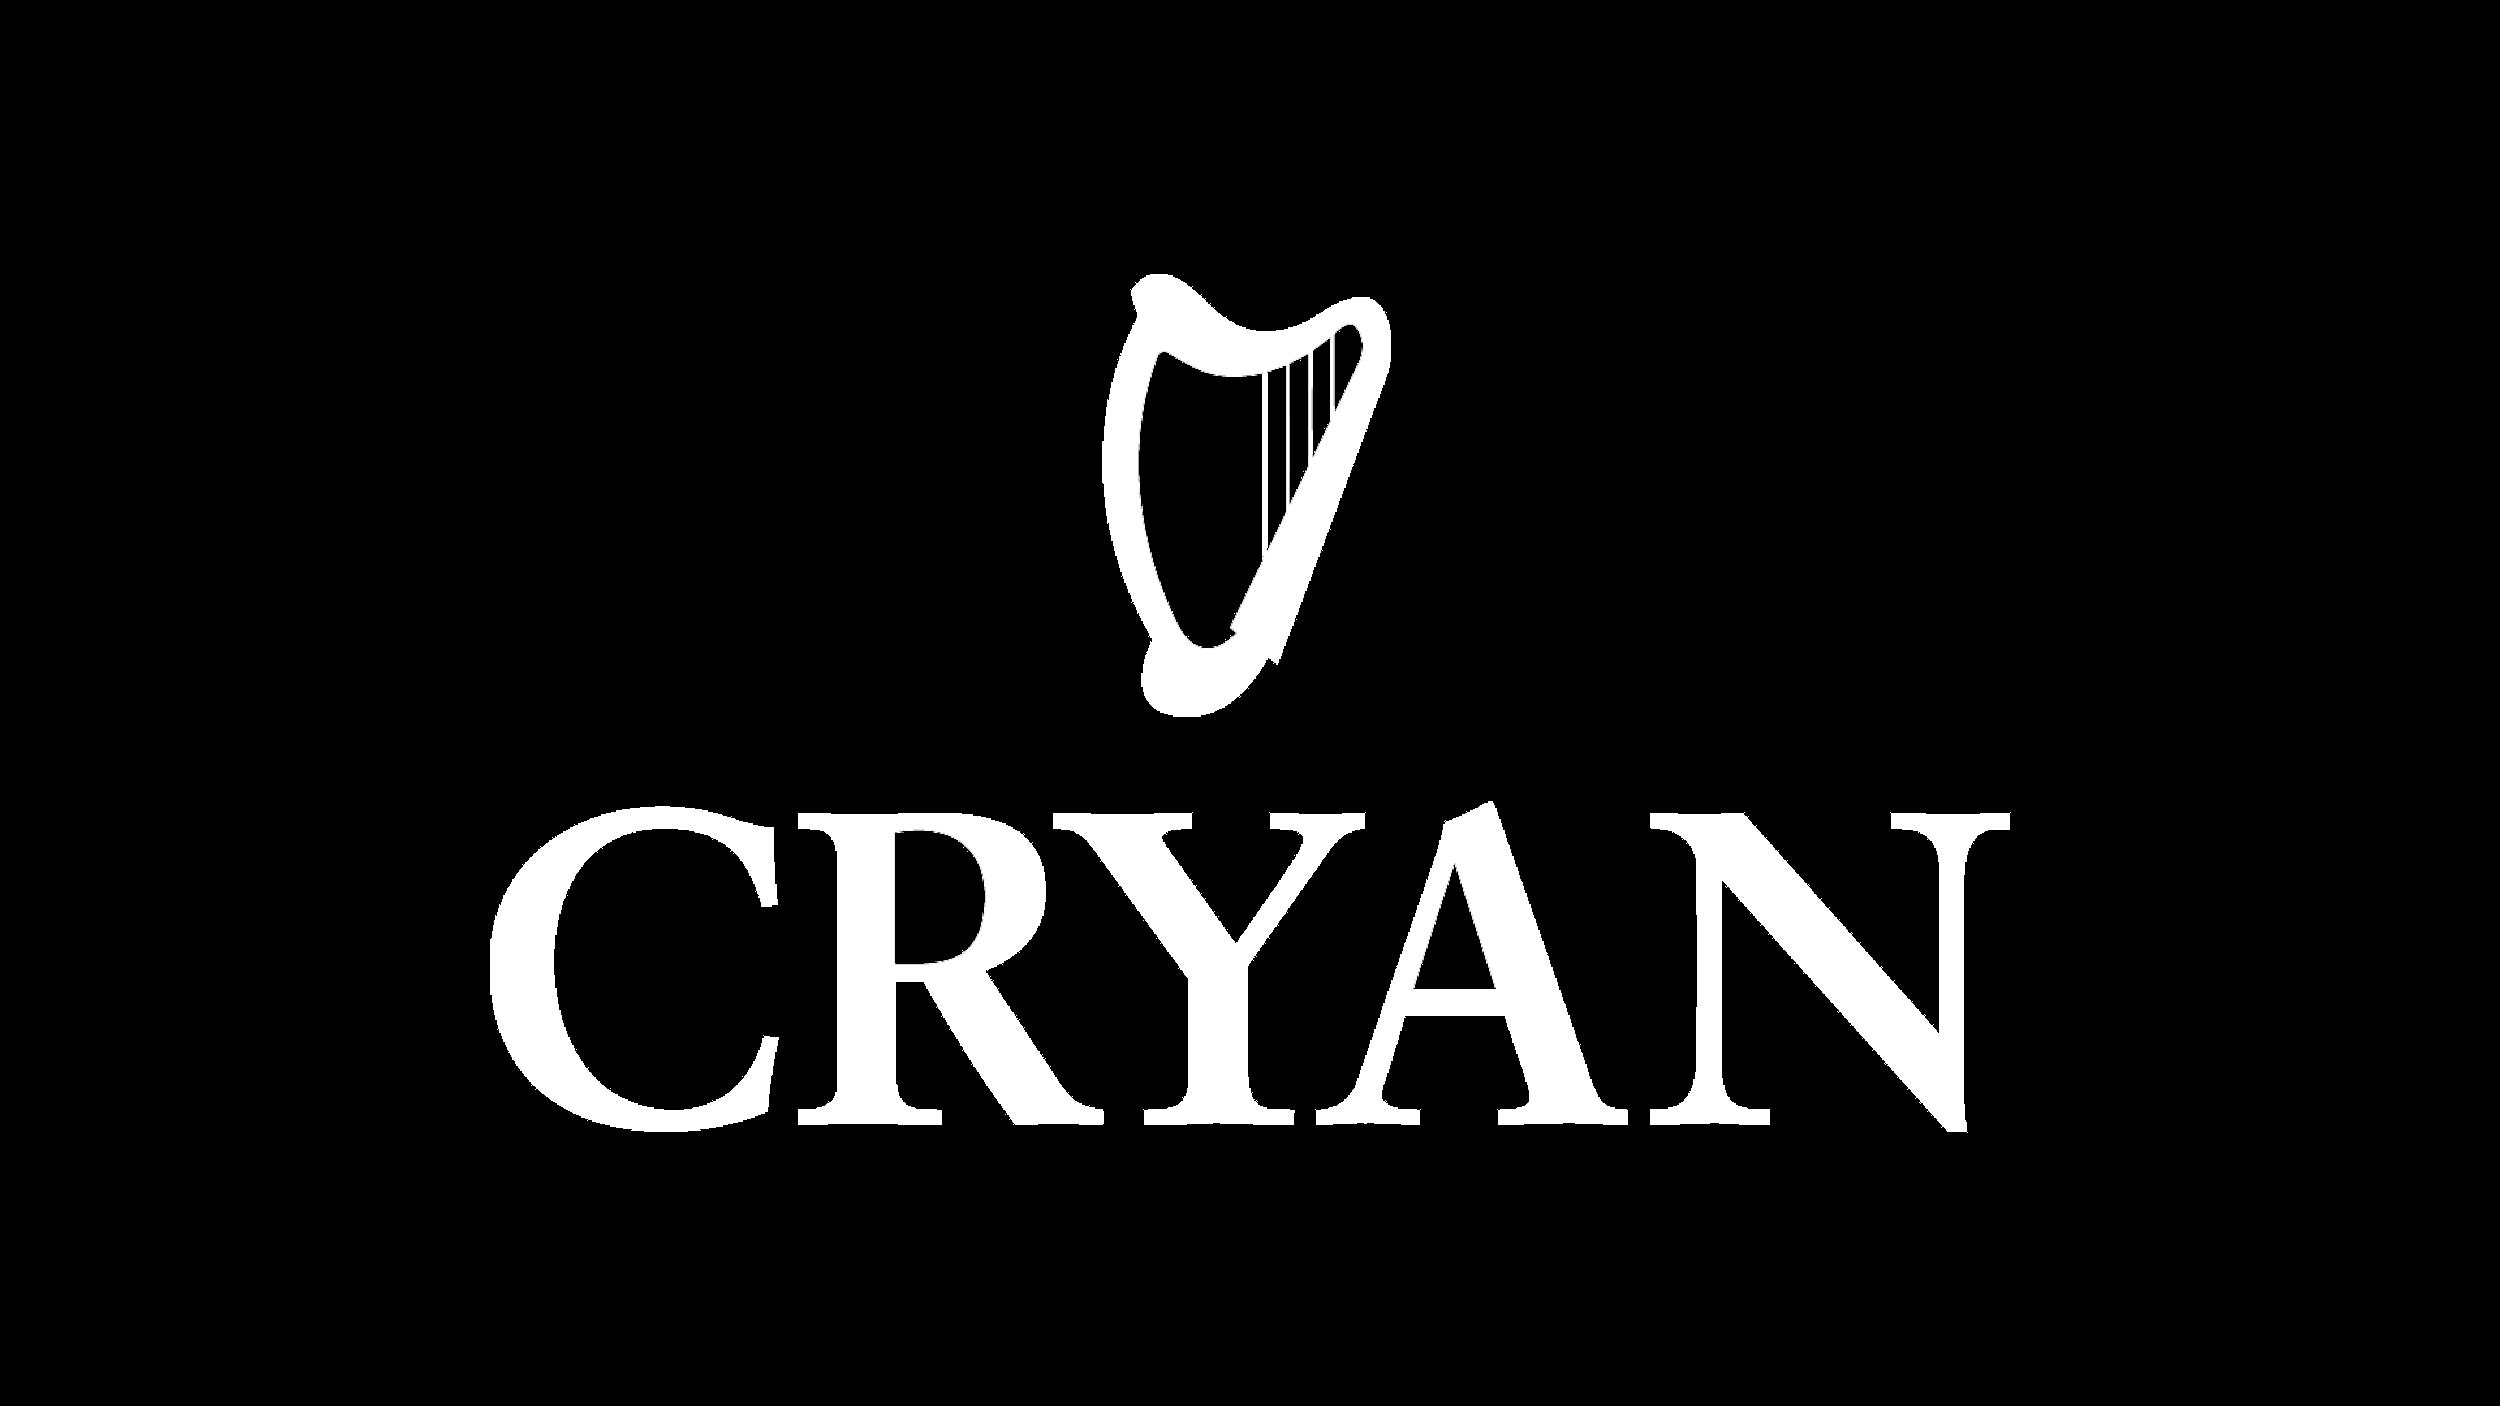 Cryan_pos-alpha-onwhite-web copy.png